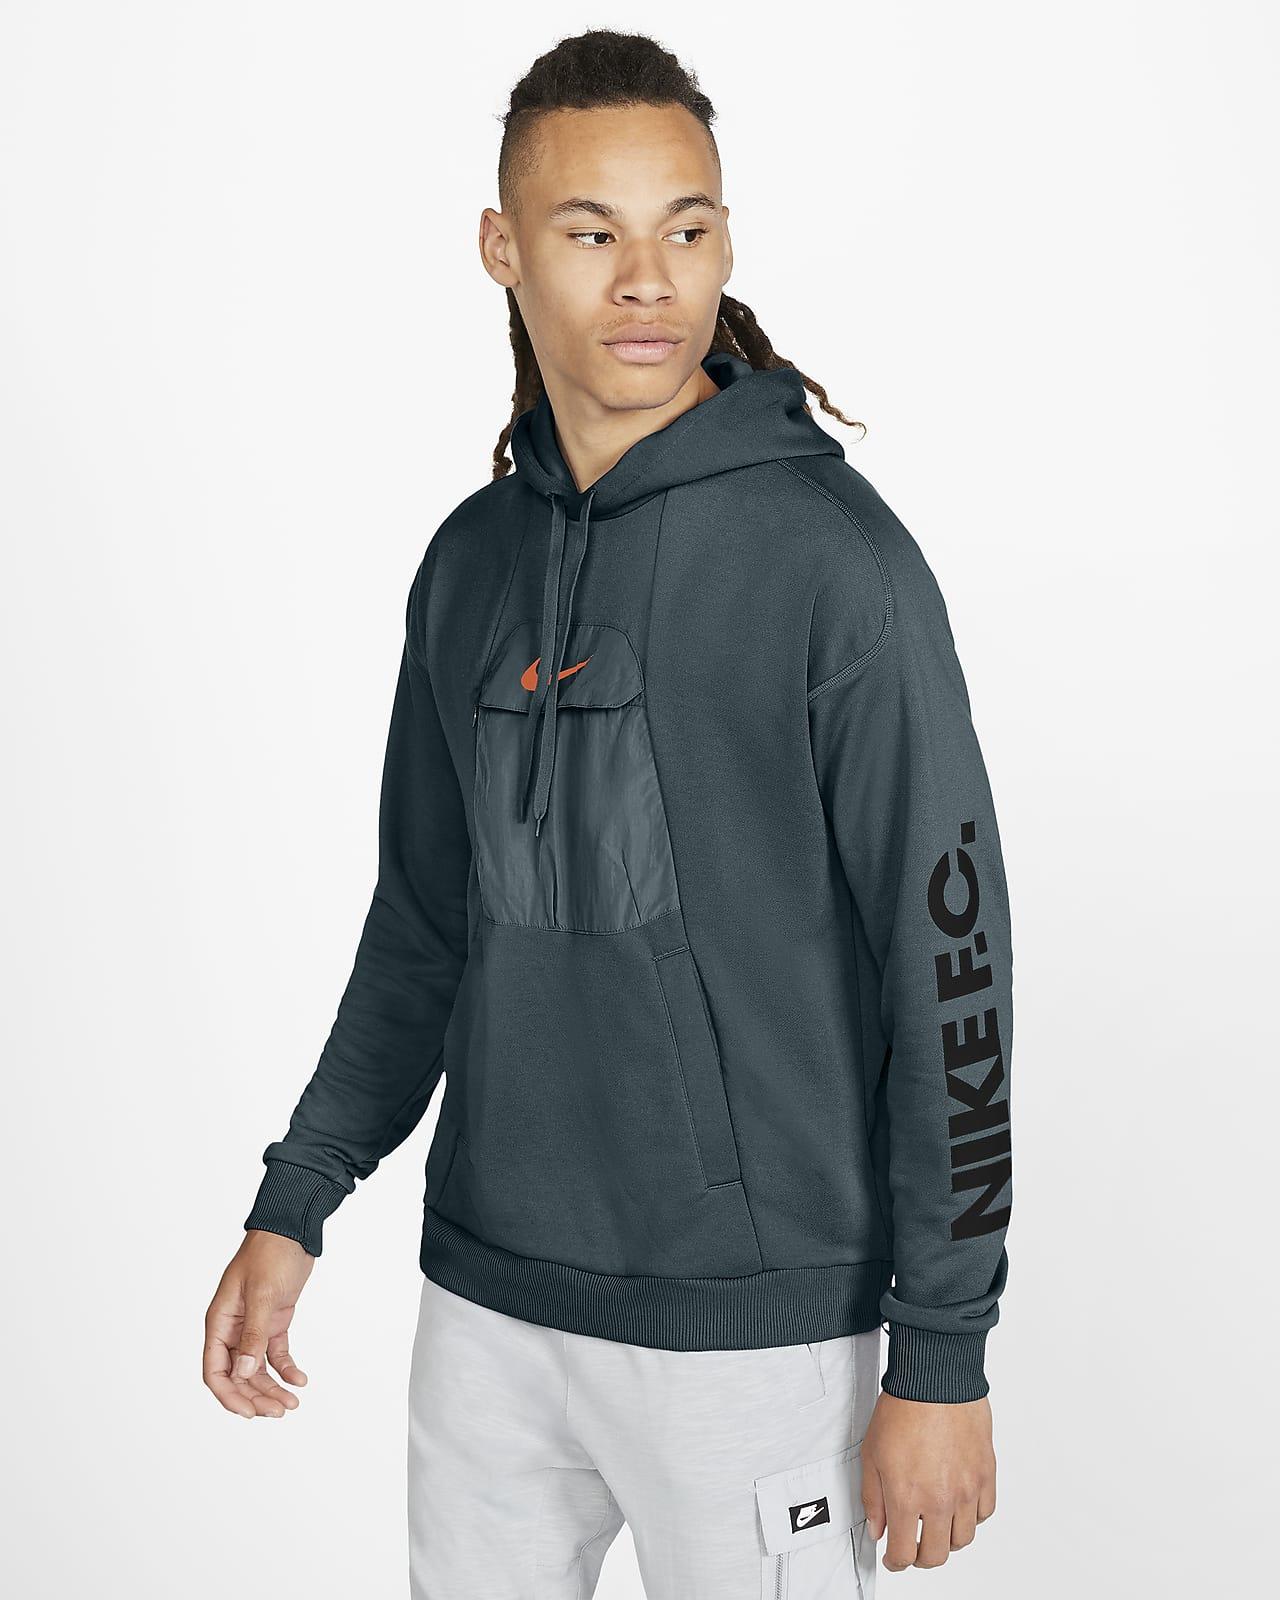 Pánská fotbalová mikina Nike F.C. s kapucí